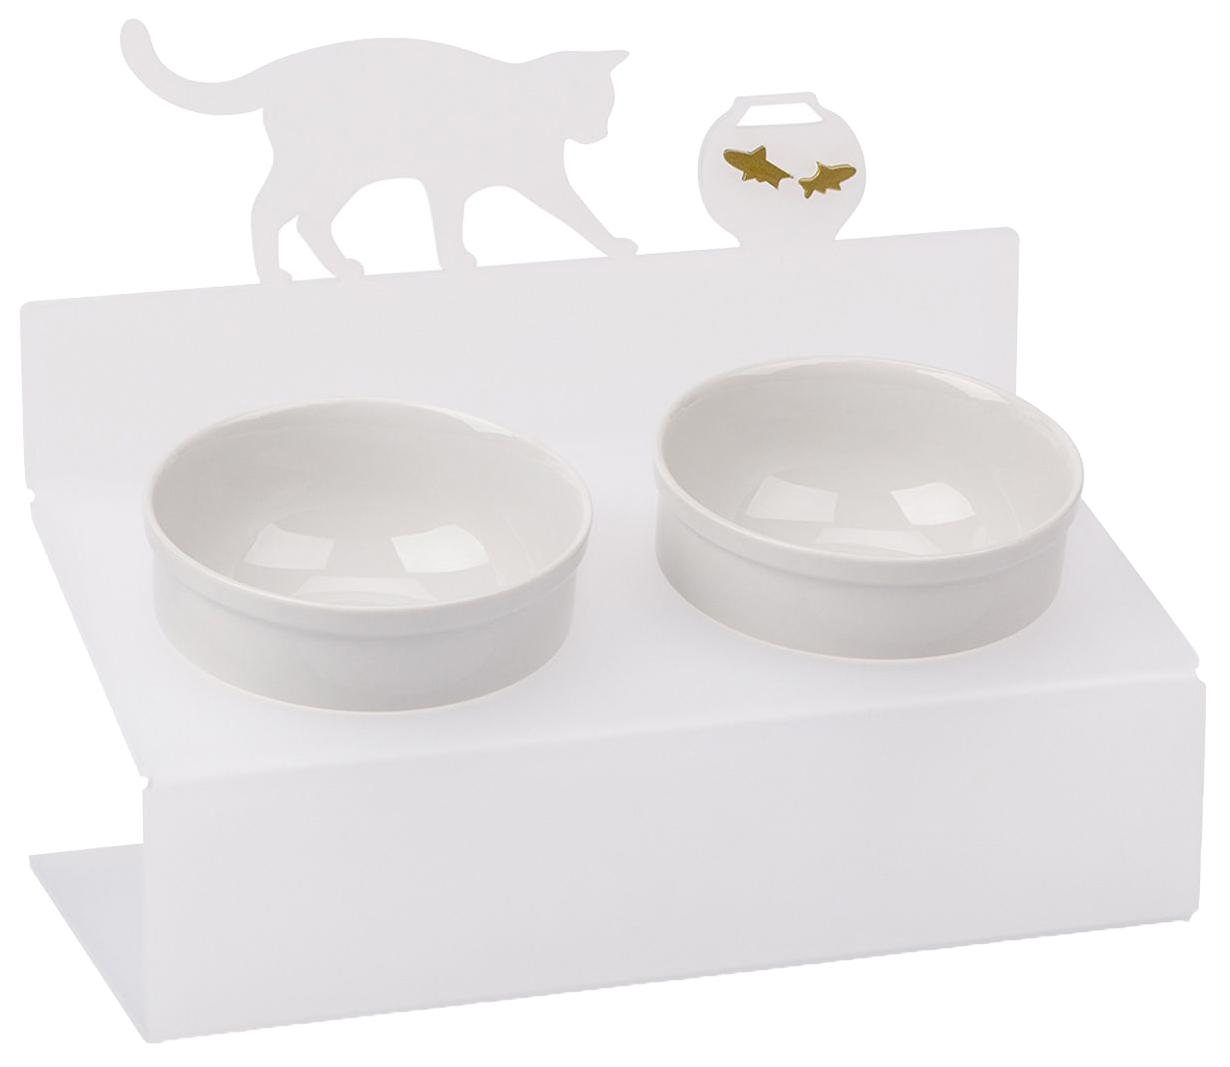 Двойная миска для кошек Artmiska, керамика, пластик,